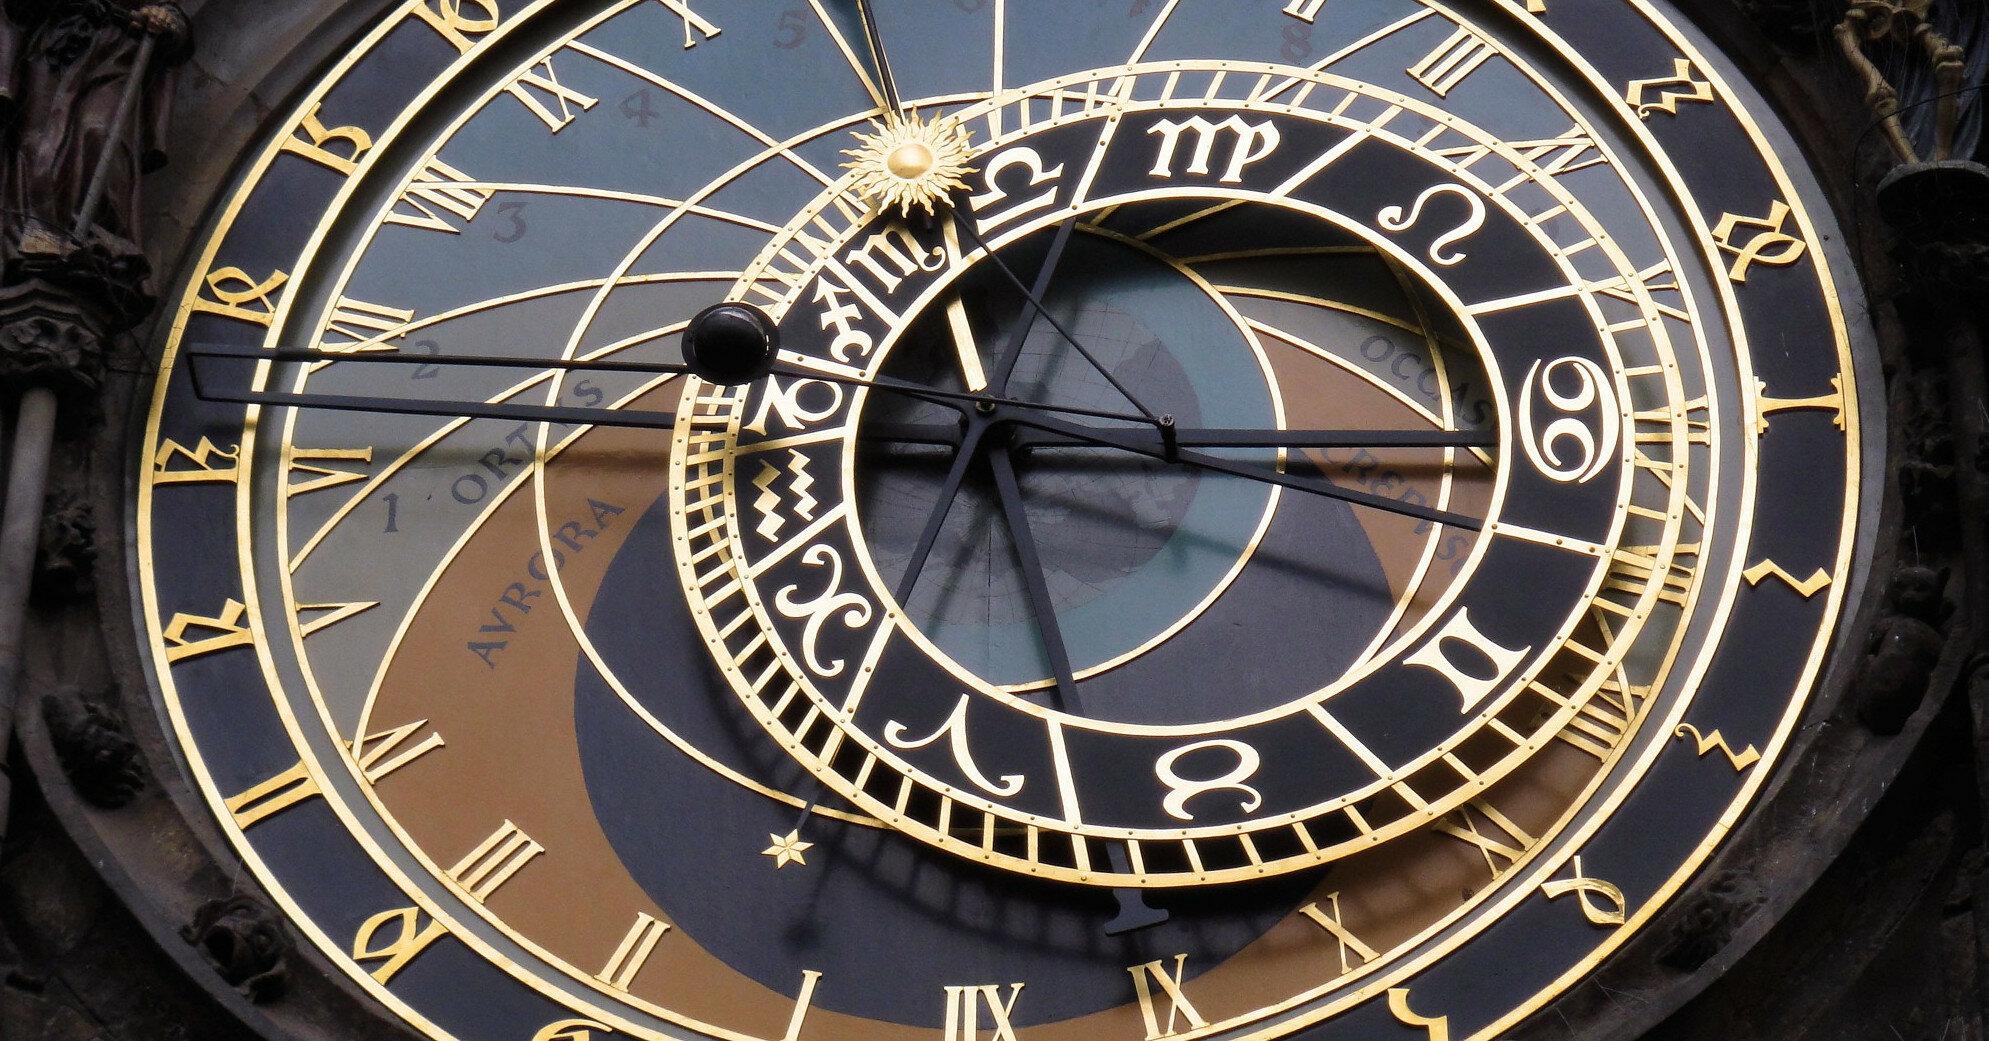 Гороскоп на сегодня 8 июня для всех знаков зодиака